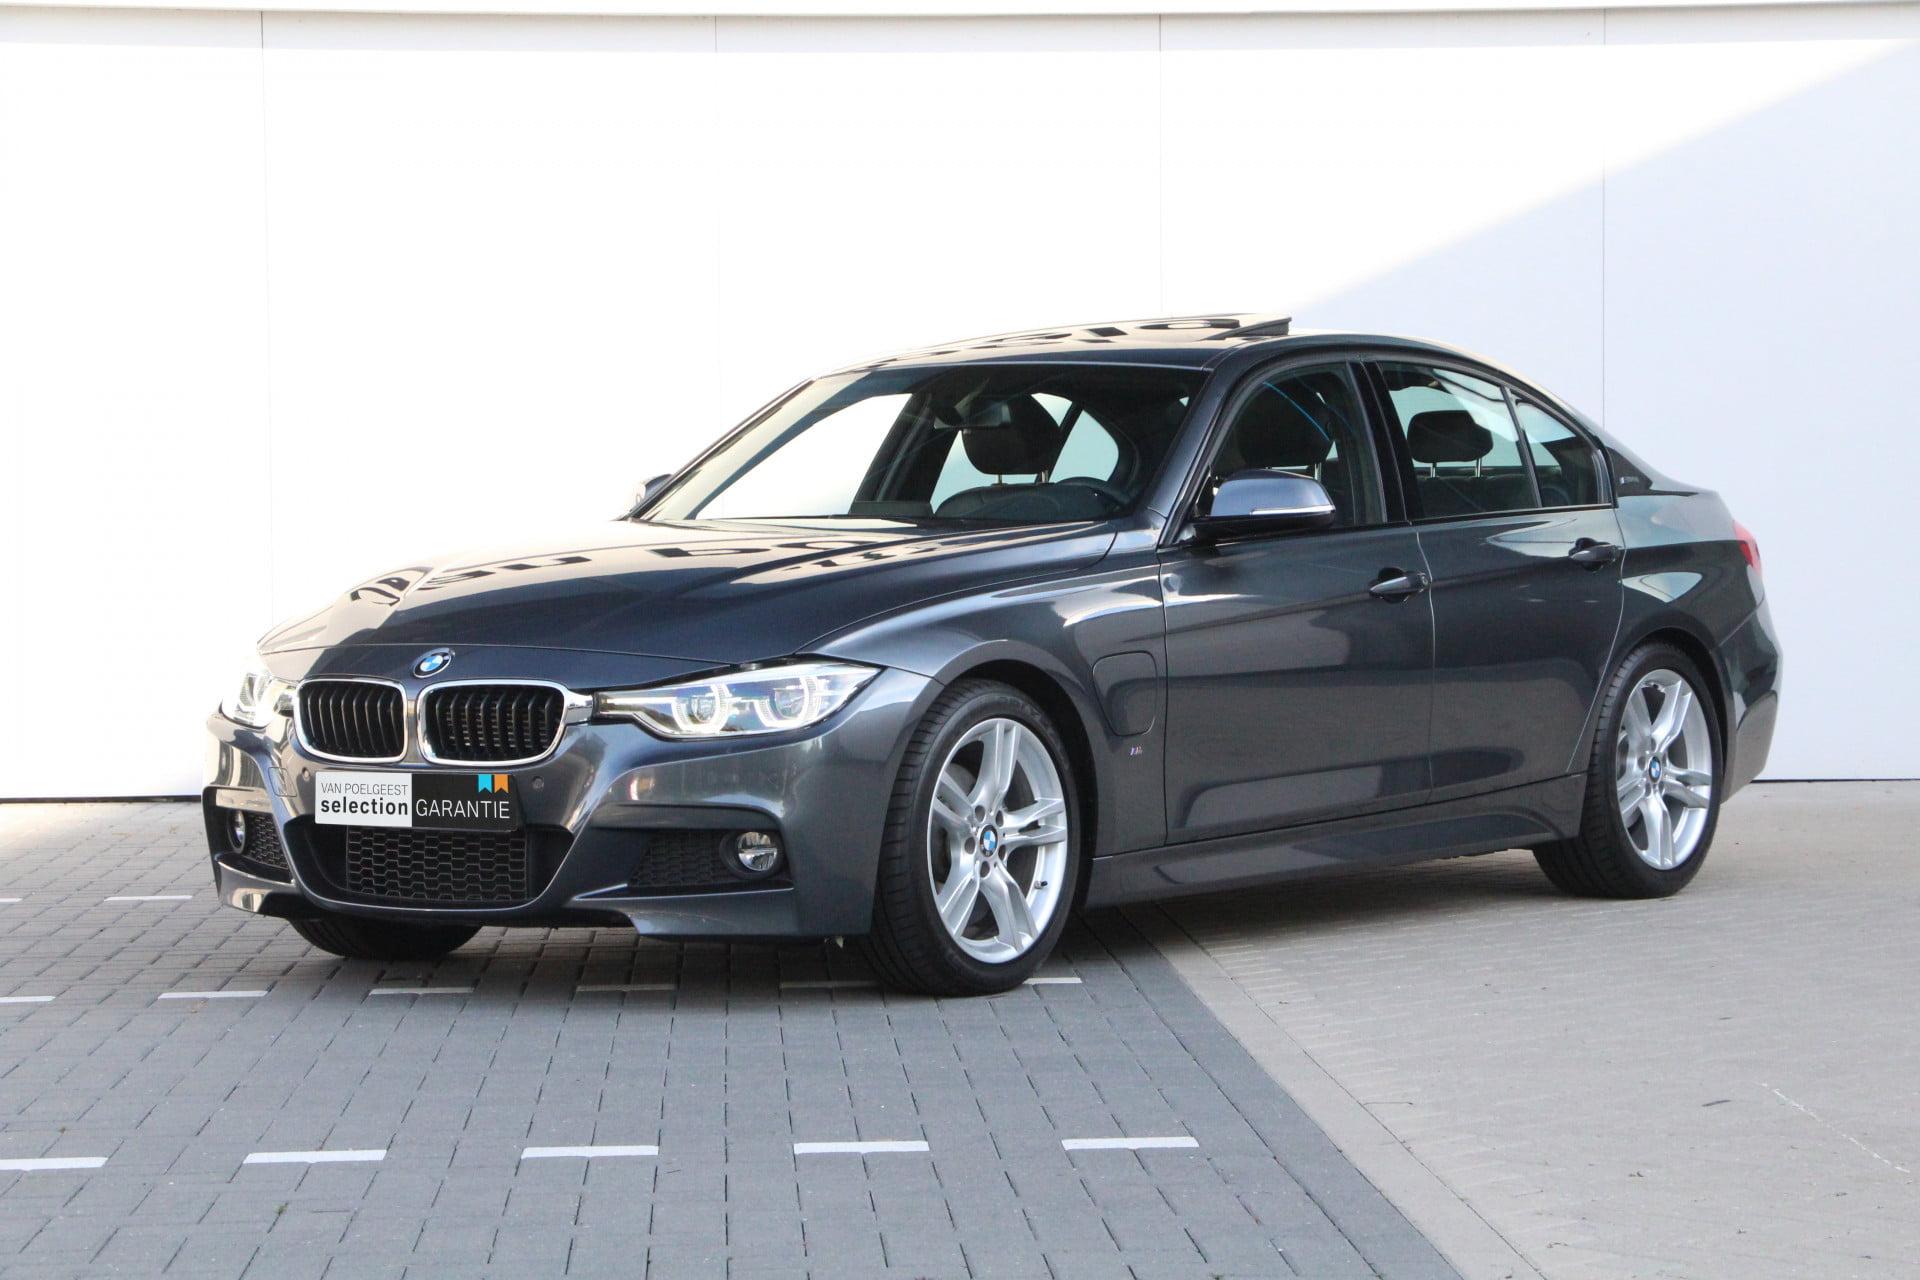 BMW 330e met 15% bijtelling leasen - LeaseRoute1